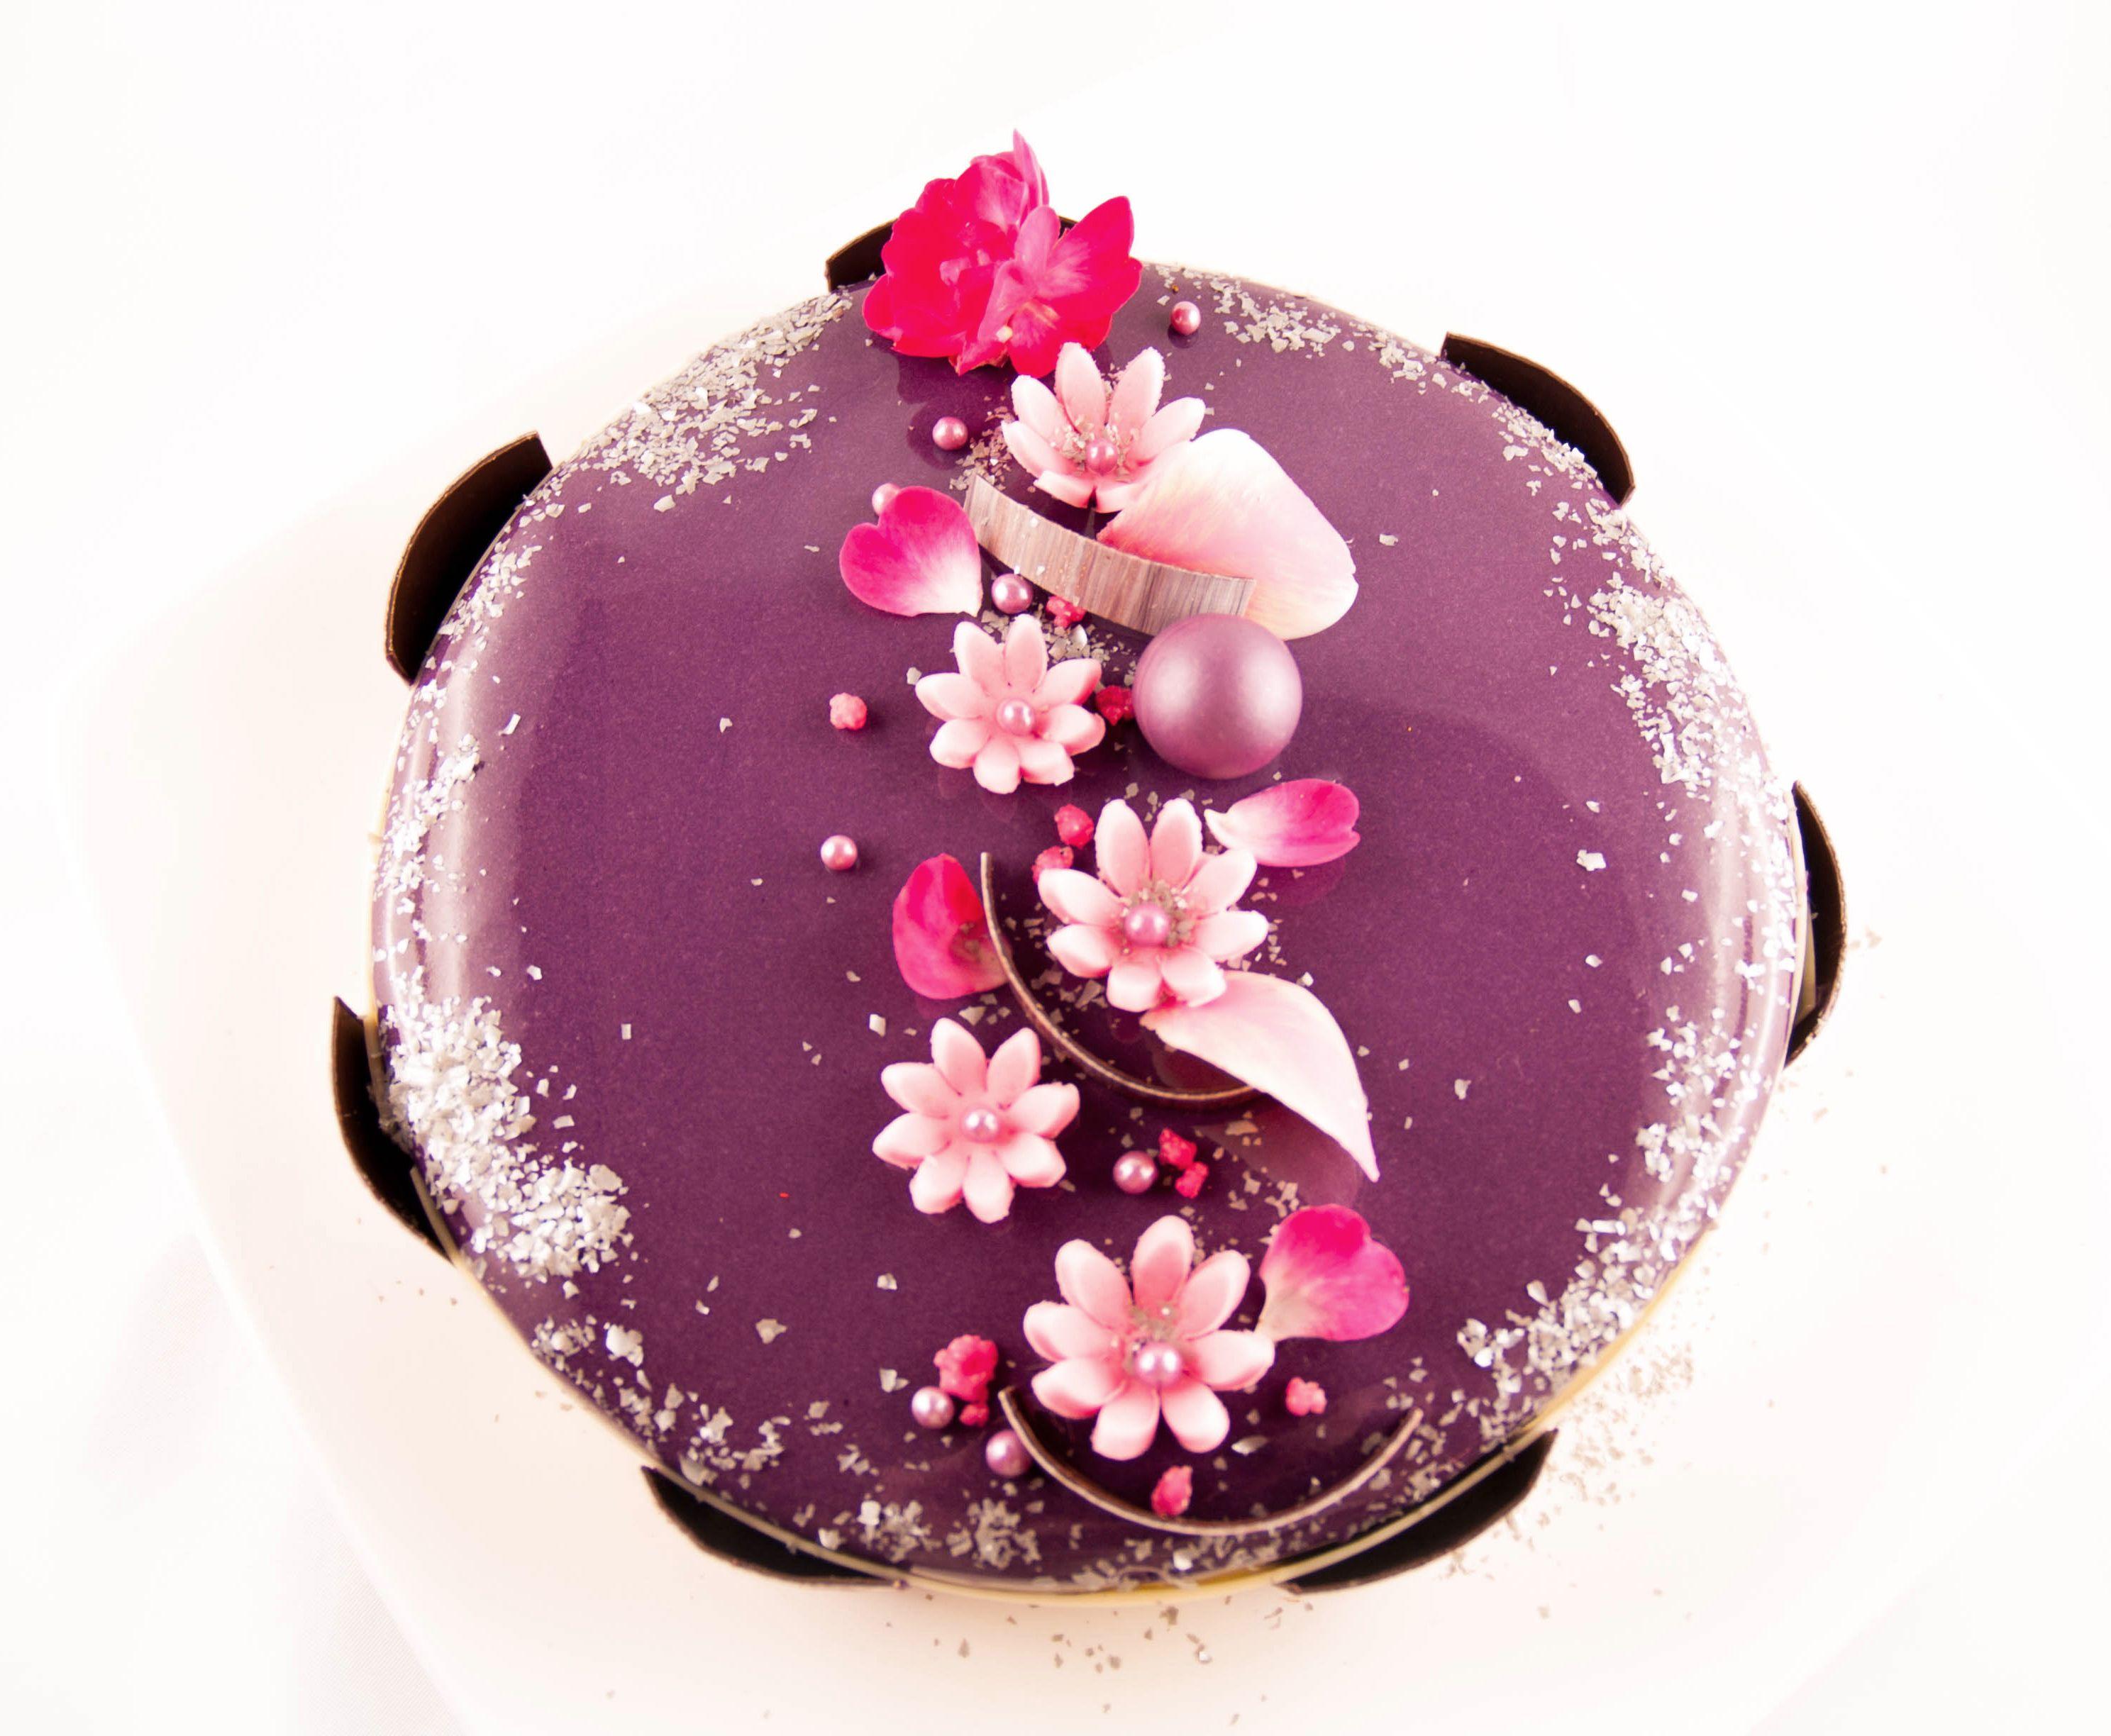 Dacquoise pistache mousse drag e confit fraise mes for Decoration entremet